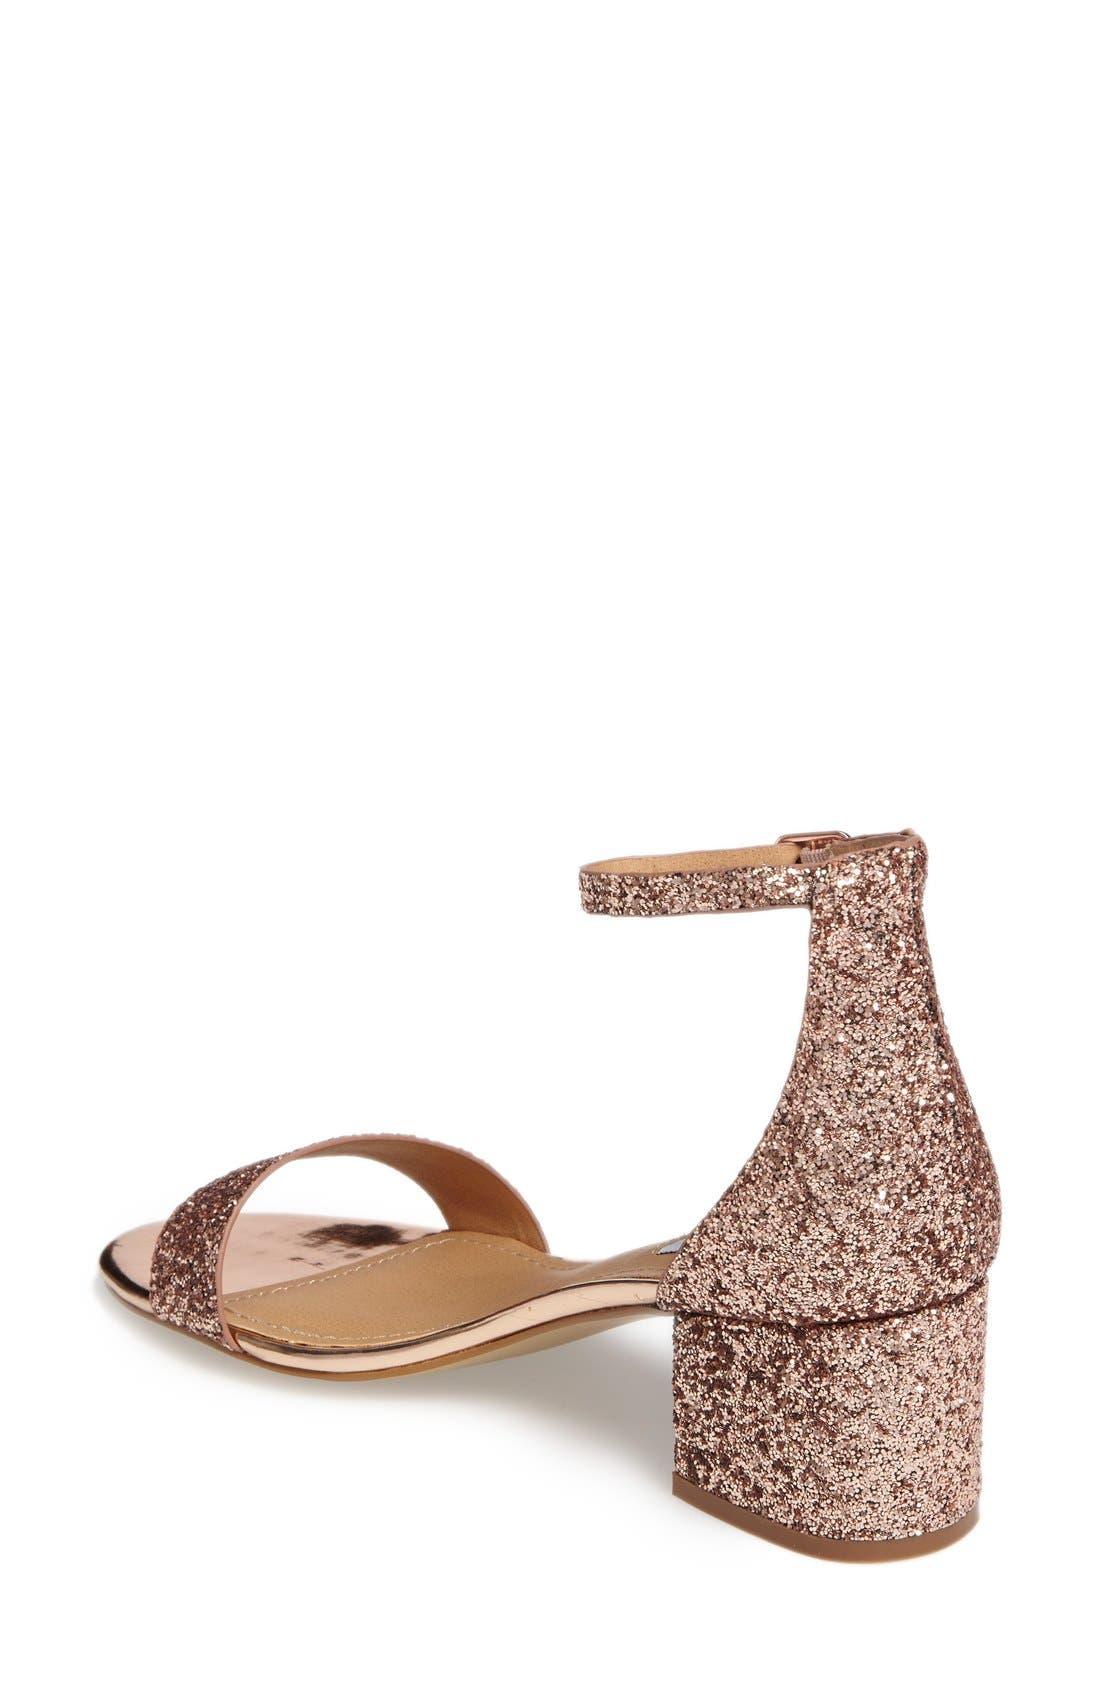 Irenee Ankle Strap Sandal,                             Alternate thumbnail 160, color,